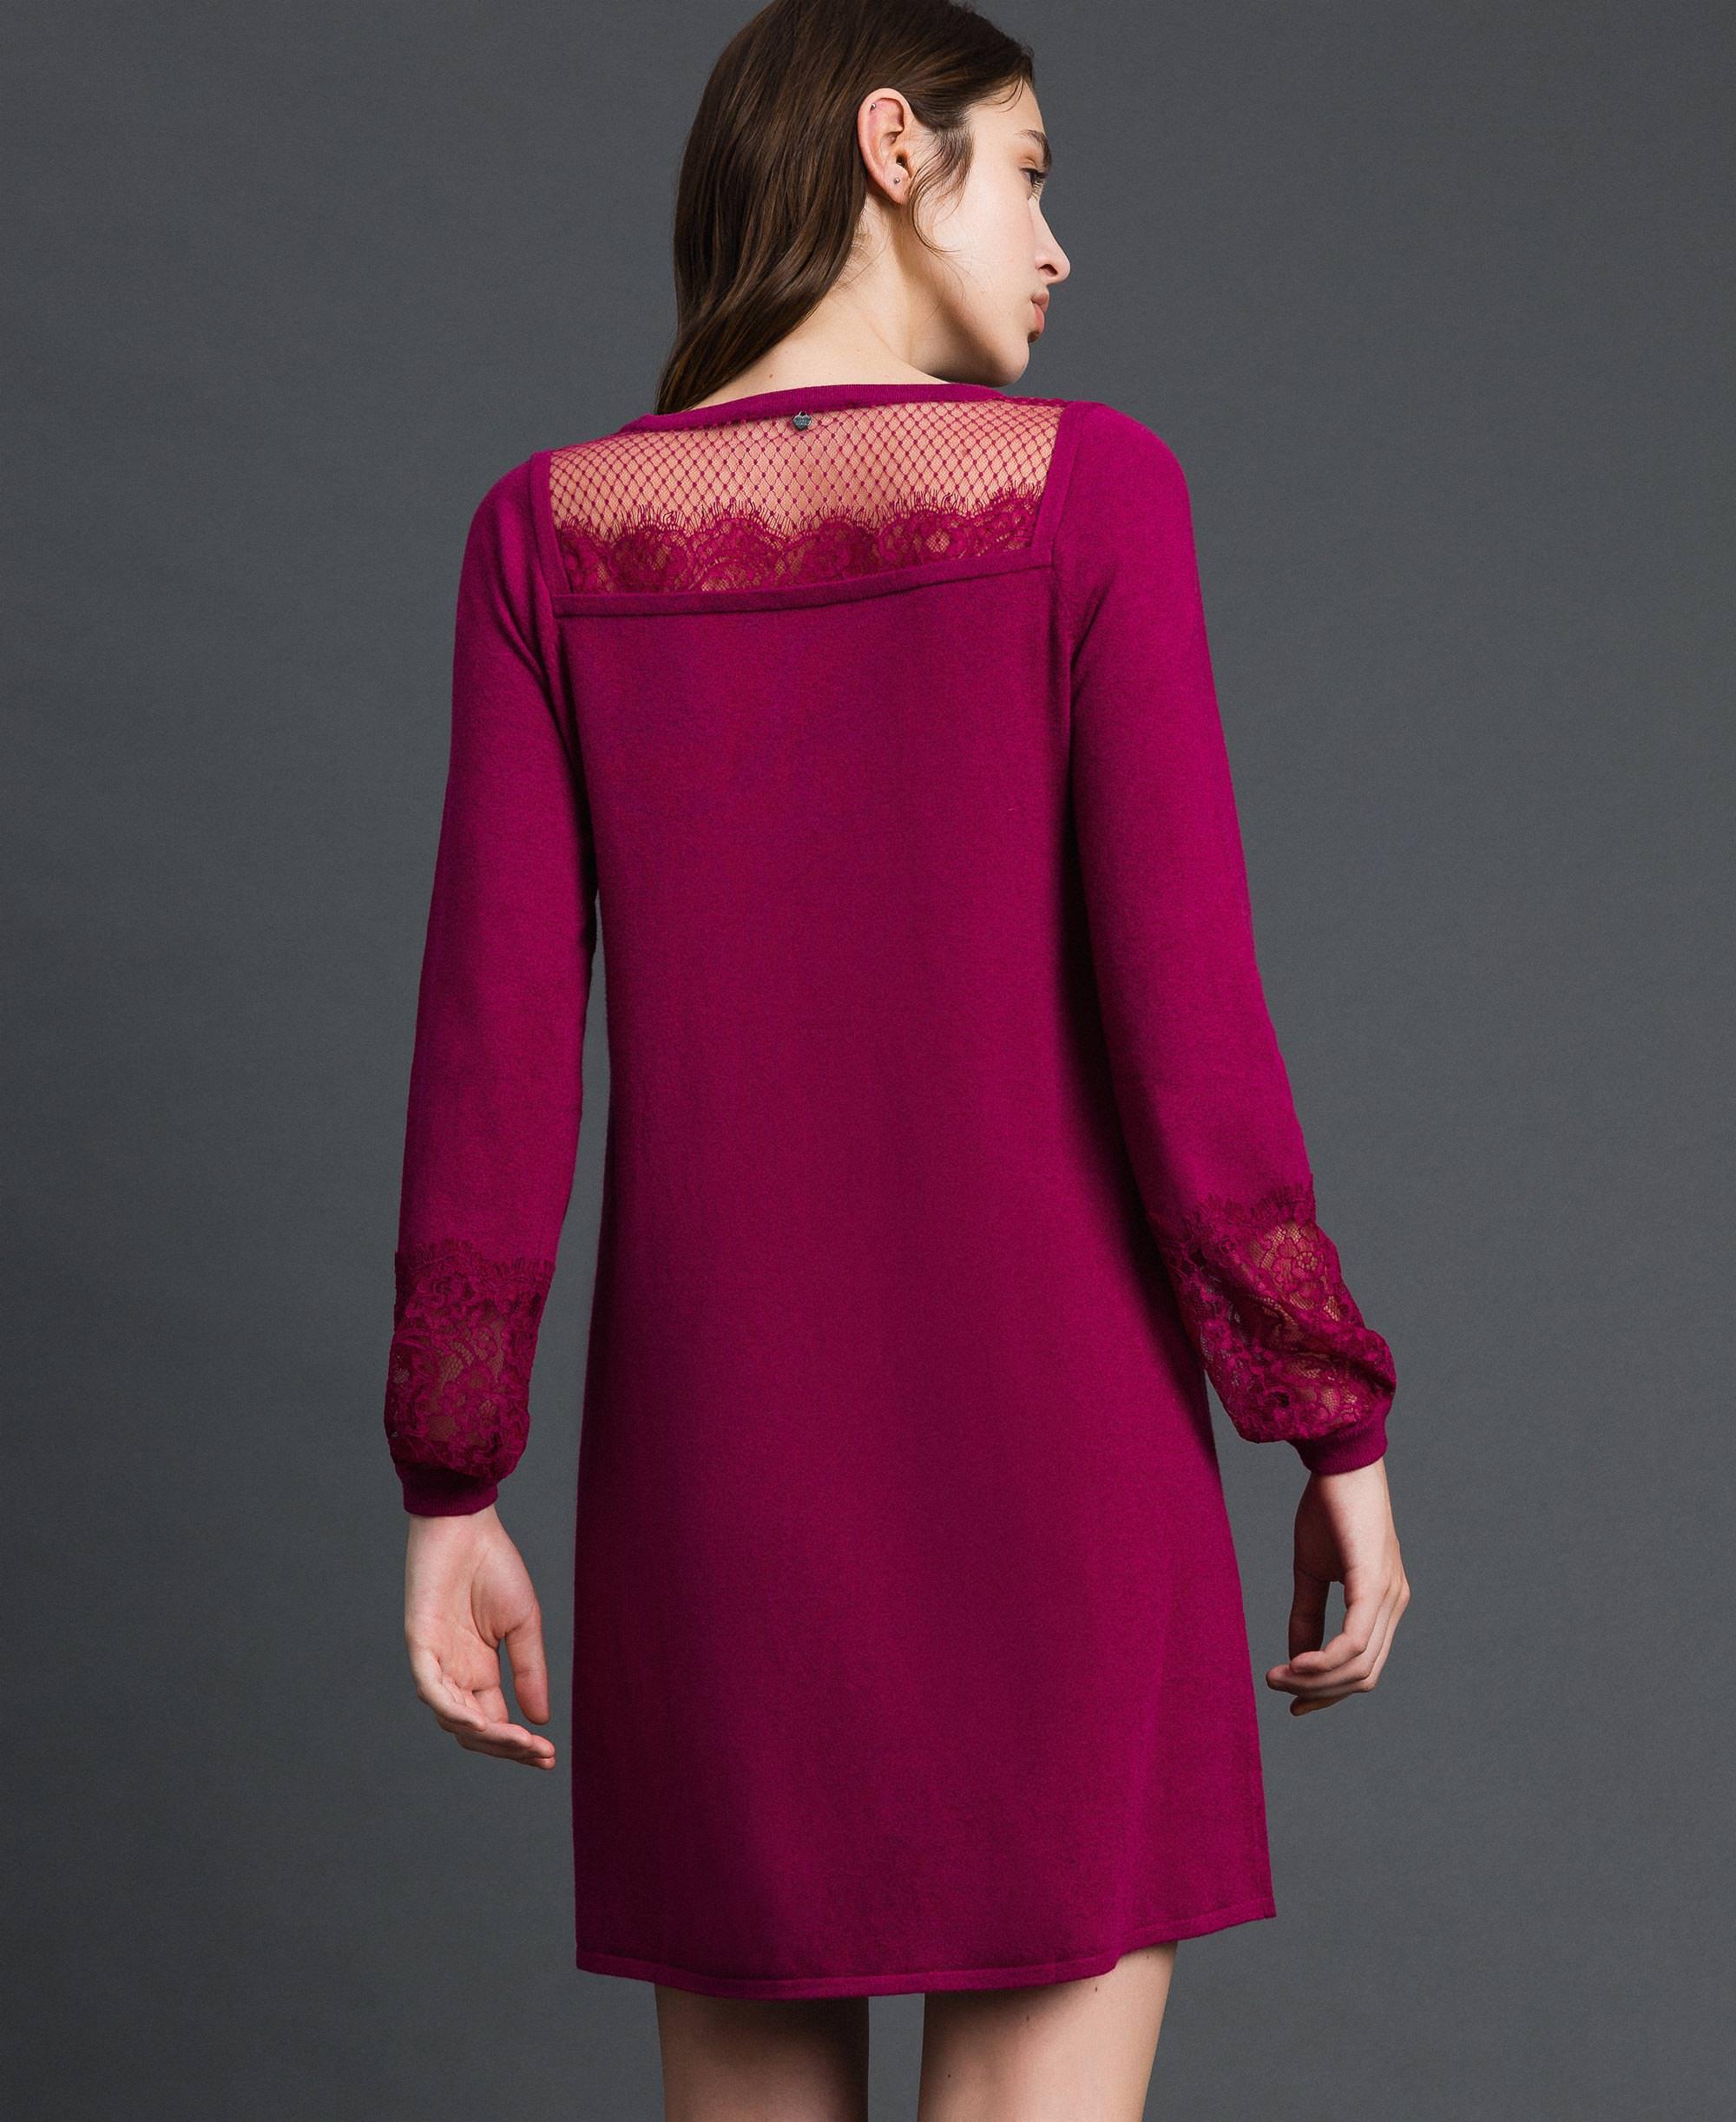 kleid mit spitze und plumetis-tüll frau, rot | twinset milano